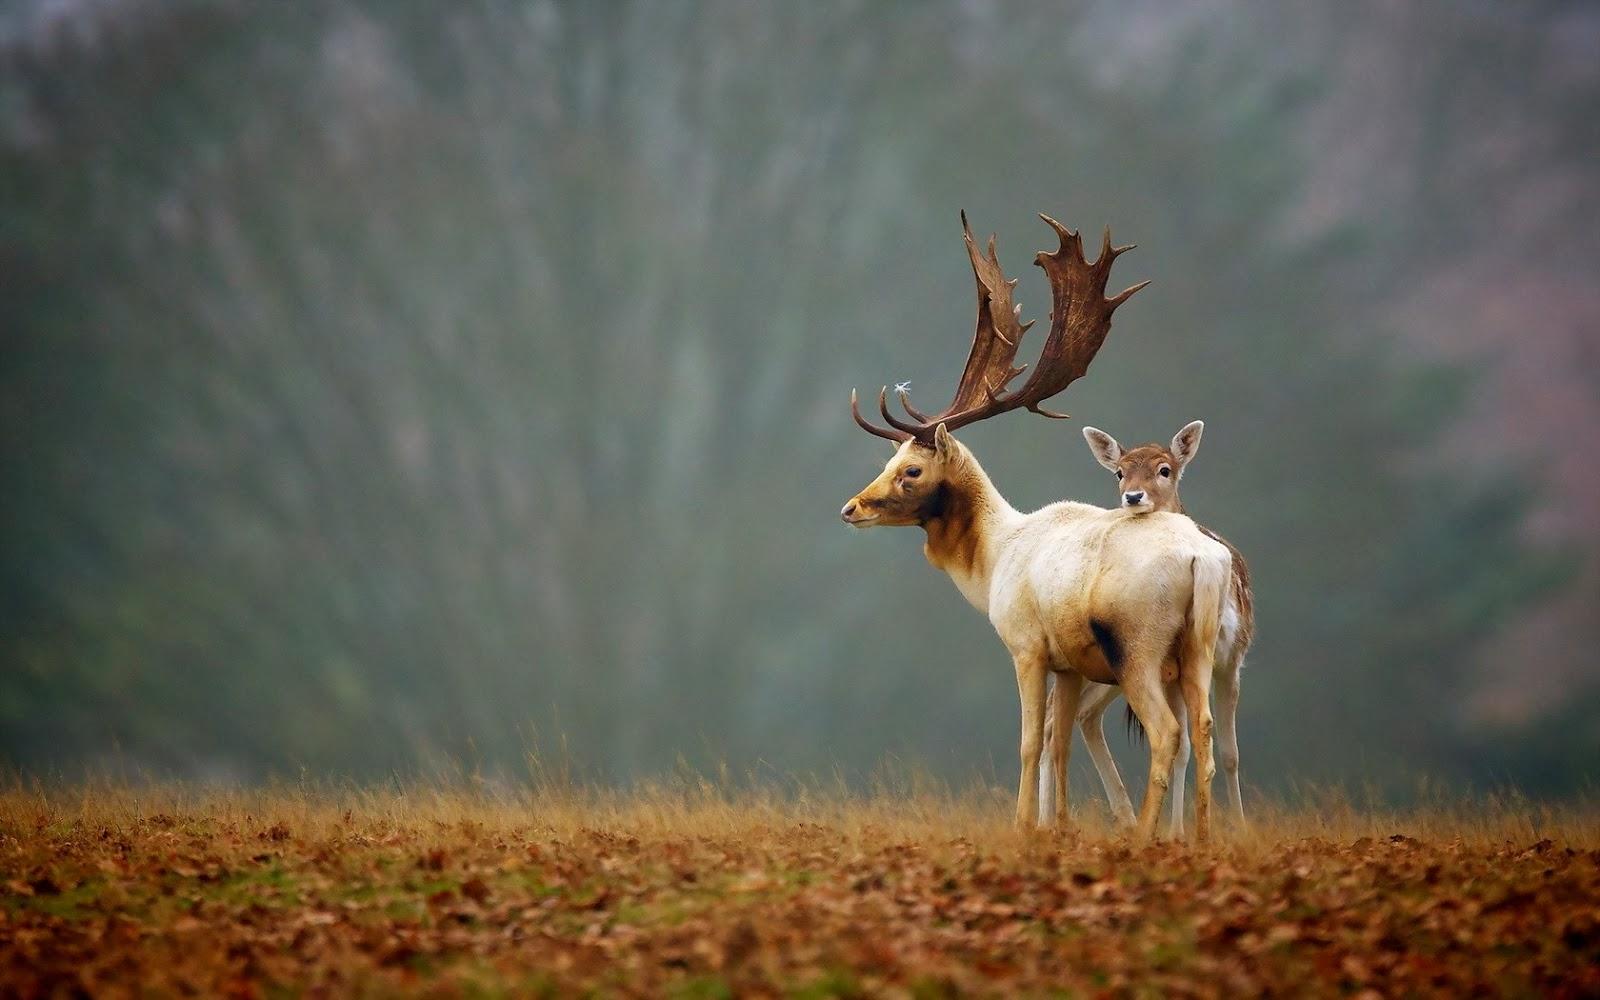 rusa-alam-musim gugur-mengagumkan-foto-wallpaper-1680x1050